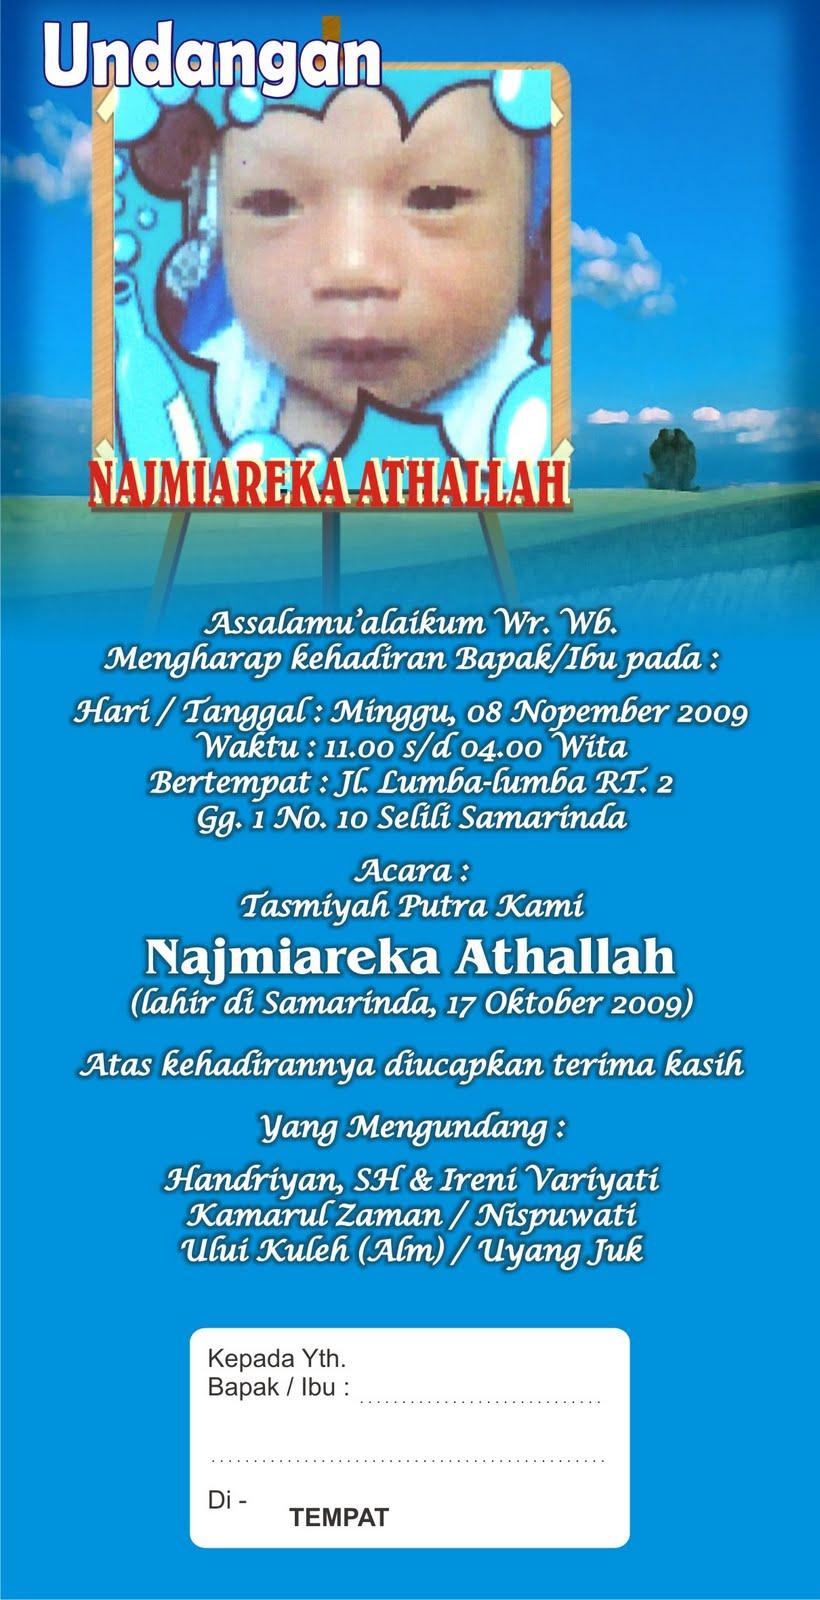 Cetak Undangan Tasmiyah & Aqiqah - Samarinda